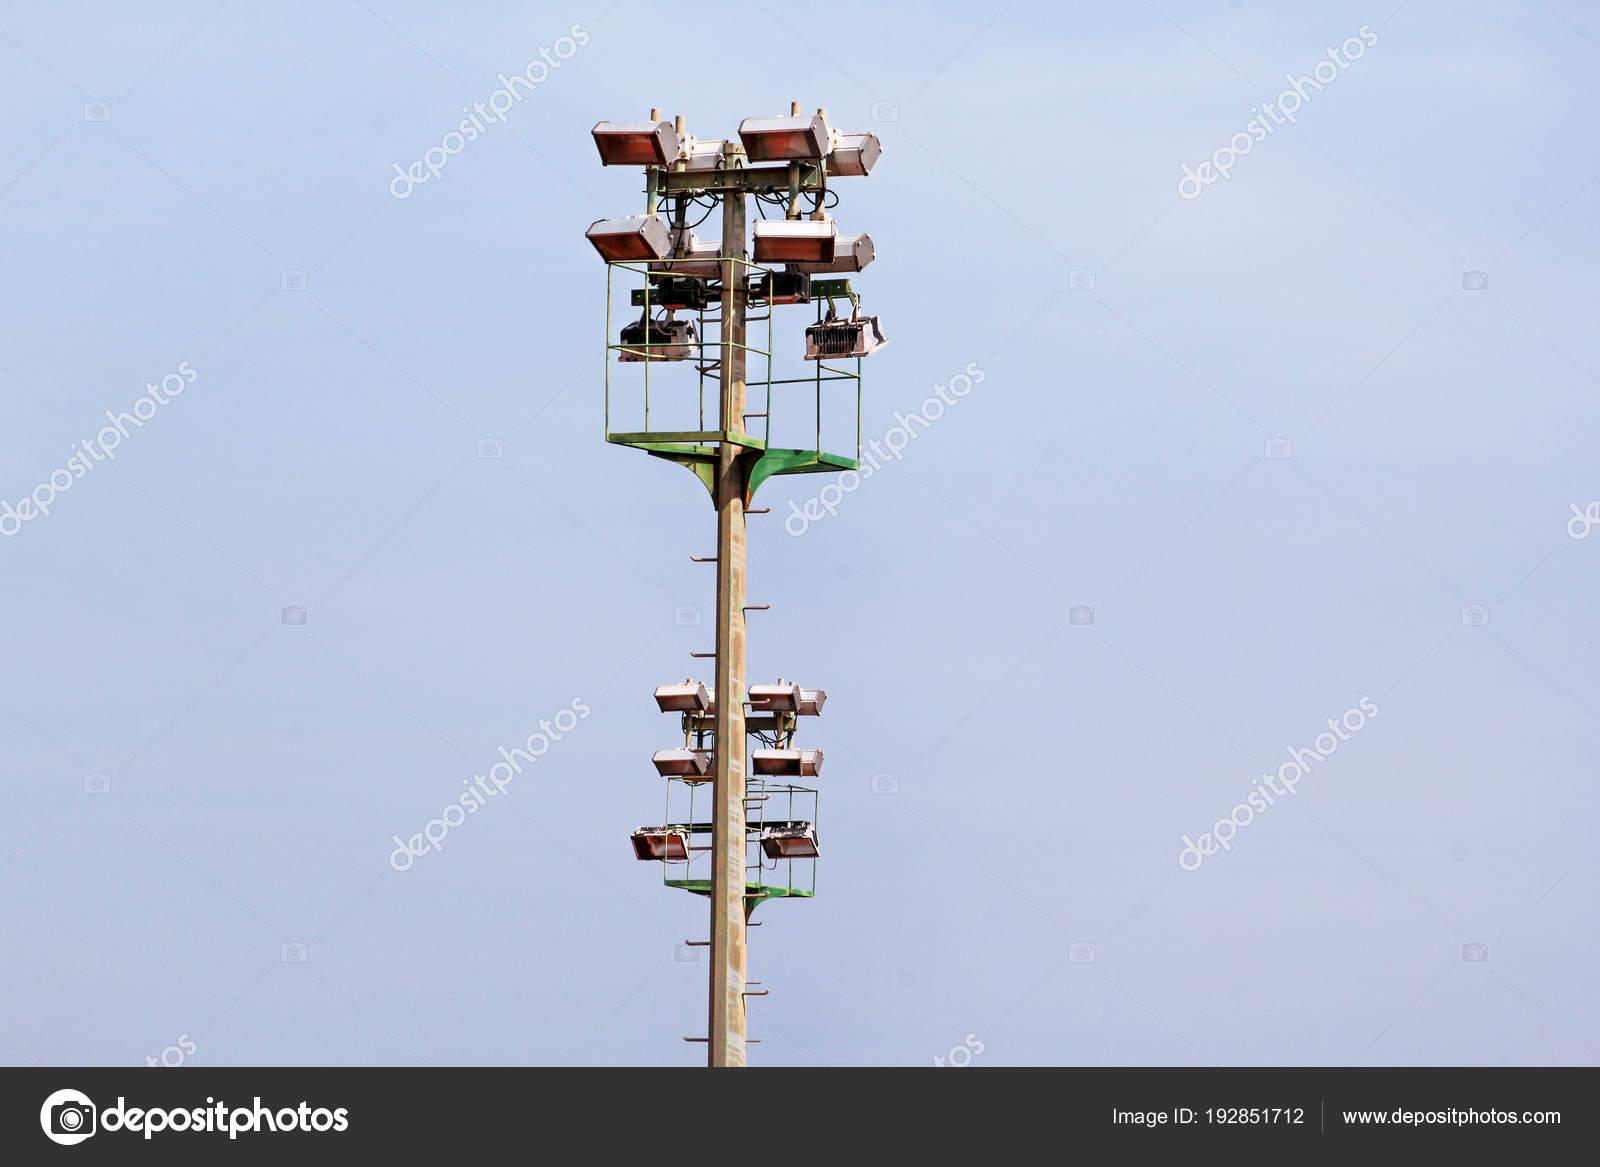 Torre di proiettore dello stadio con riflettori con cielo blu. torre